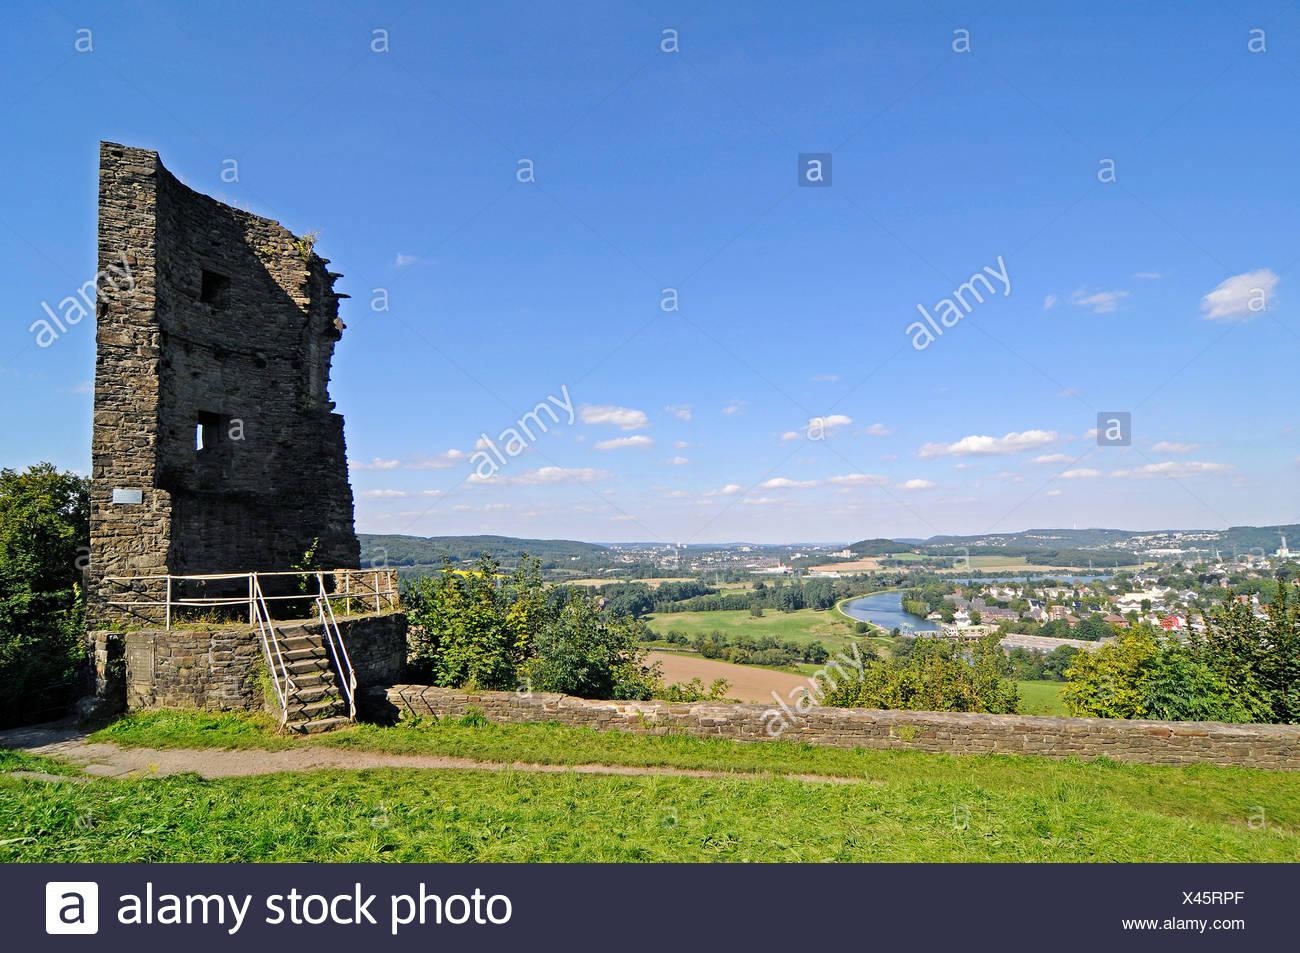 View from Burg Volmarstein Castle, castle ruins, Wetter an der Ruhr, Ruhr Valley, Herdecke, Hagen, North Rhine-Westphalia - Stock Image